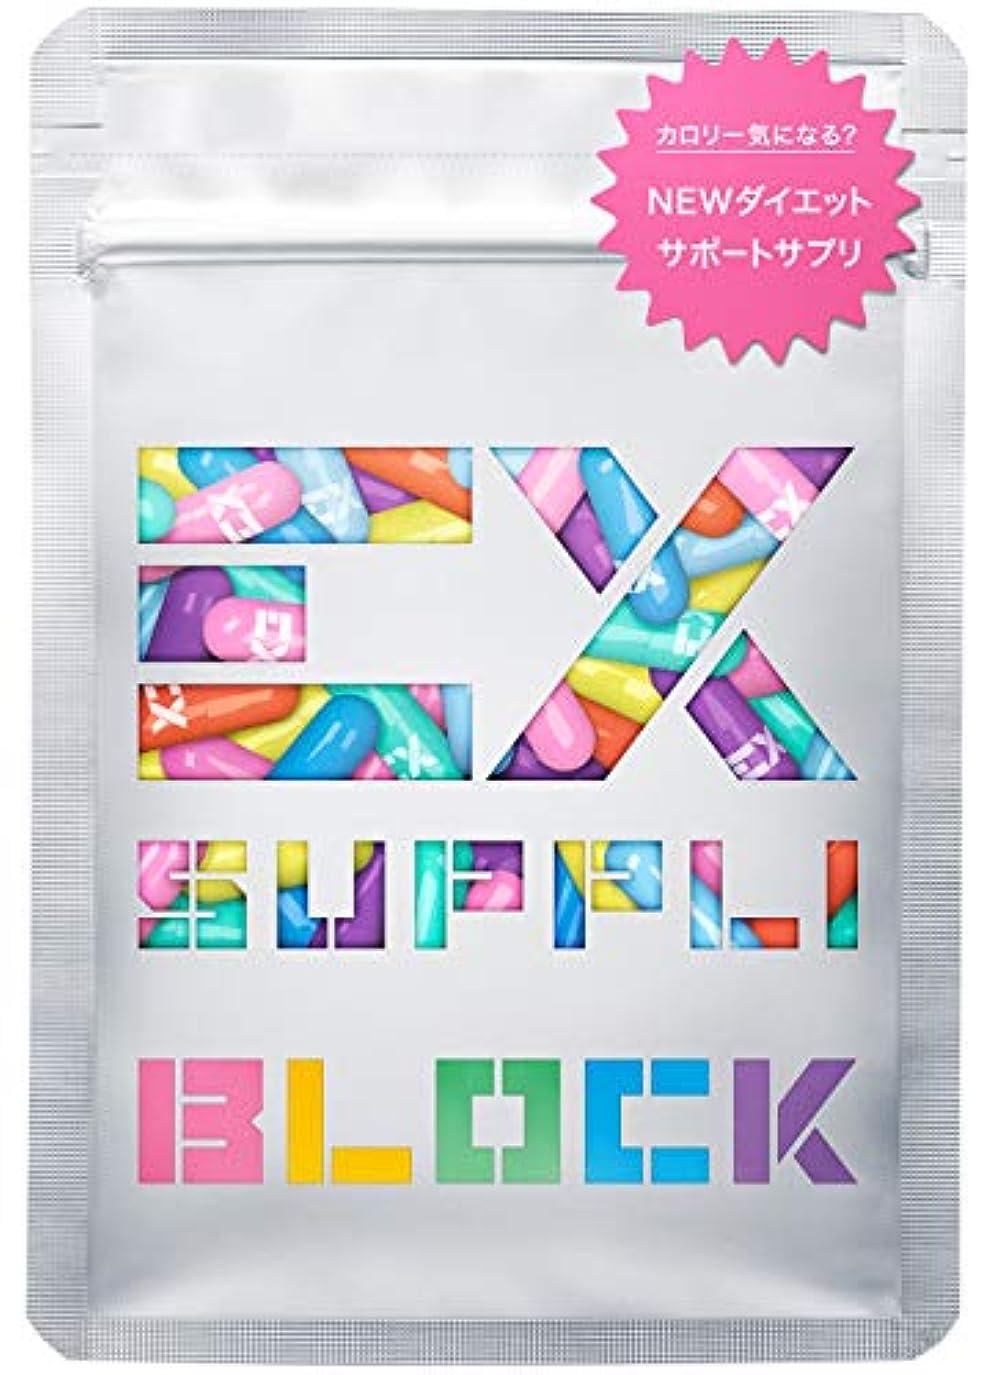 サークル固執展開するEX SUPPLI BLOCK カロリーサポートサプリ 20粒【5日分】(ダイエット エクスサプリ EXSUPPLI EXILE サプリ)